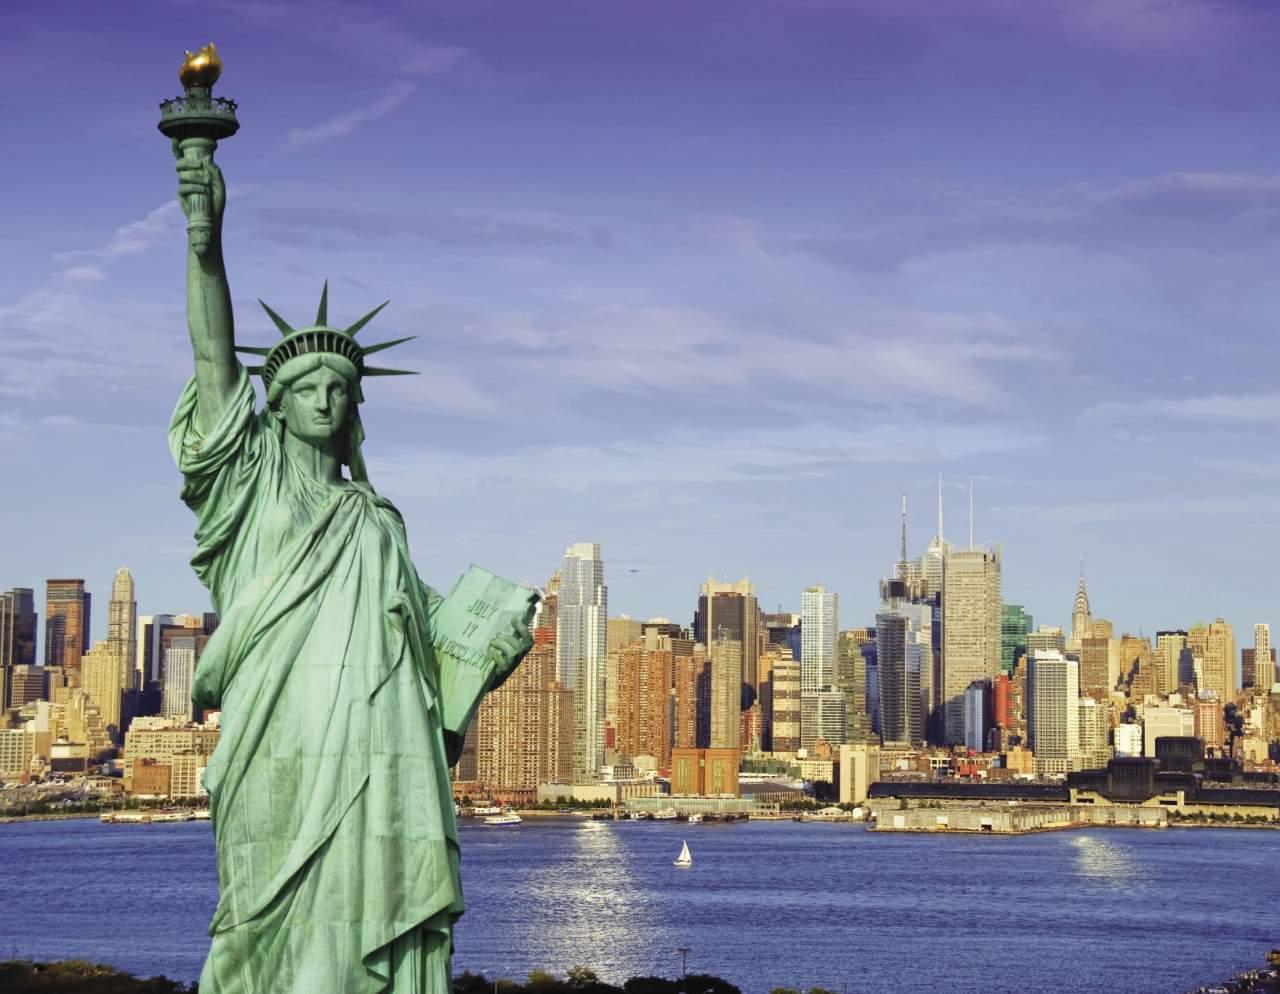 В Нью-Йорке для туристов закрыли знаменитейшую Статую Свободы